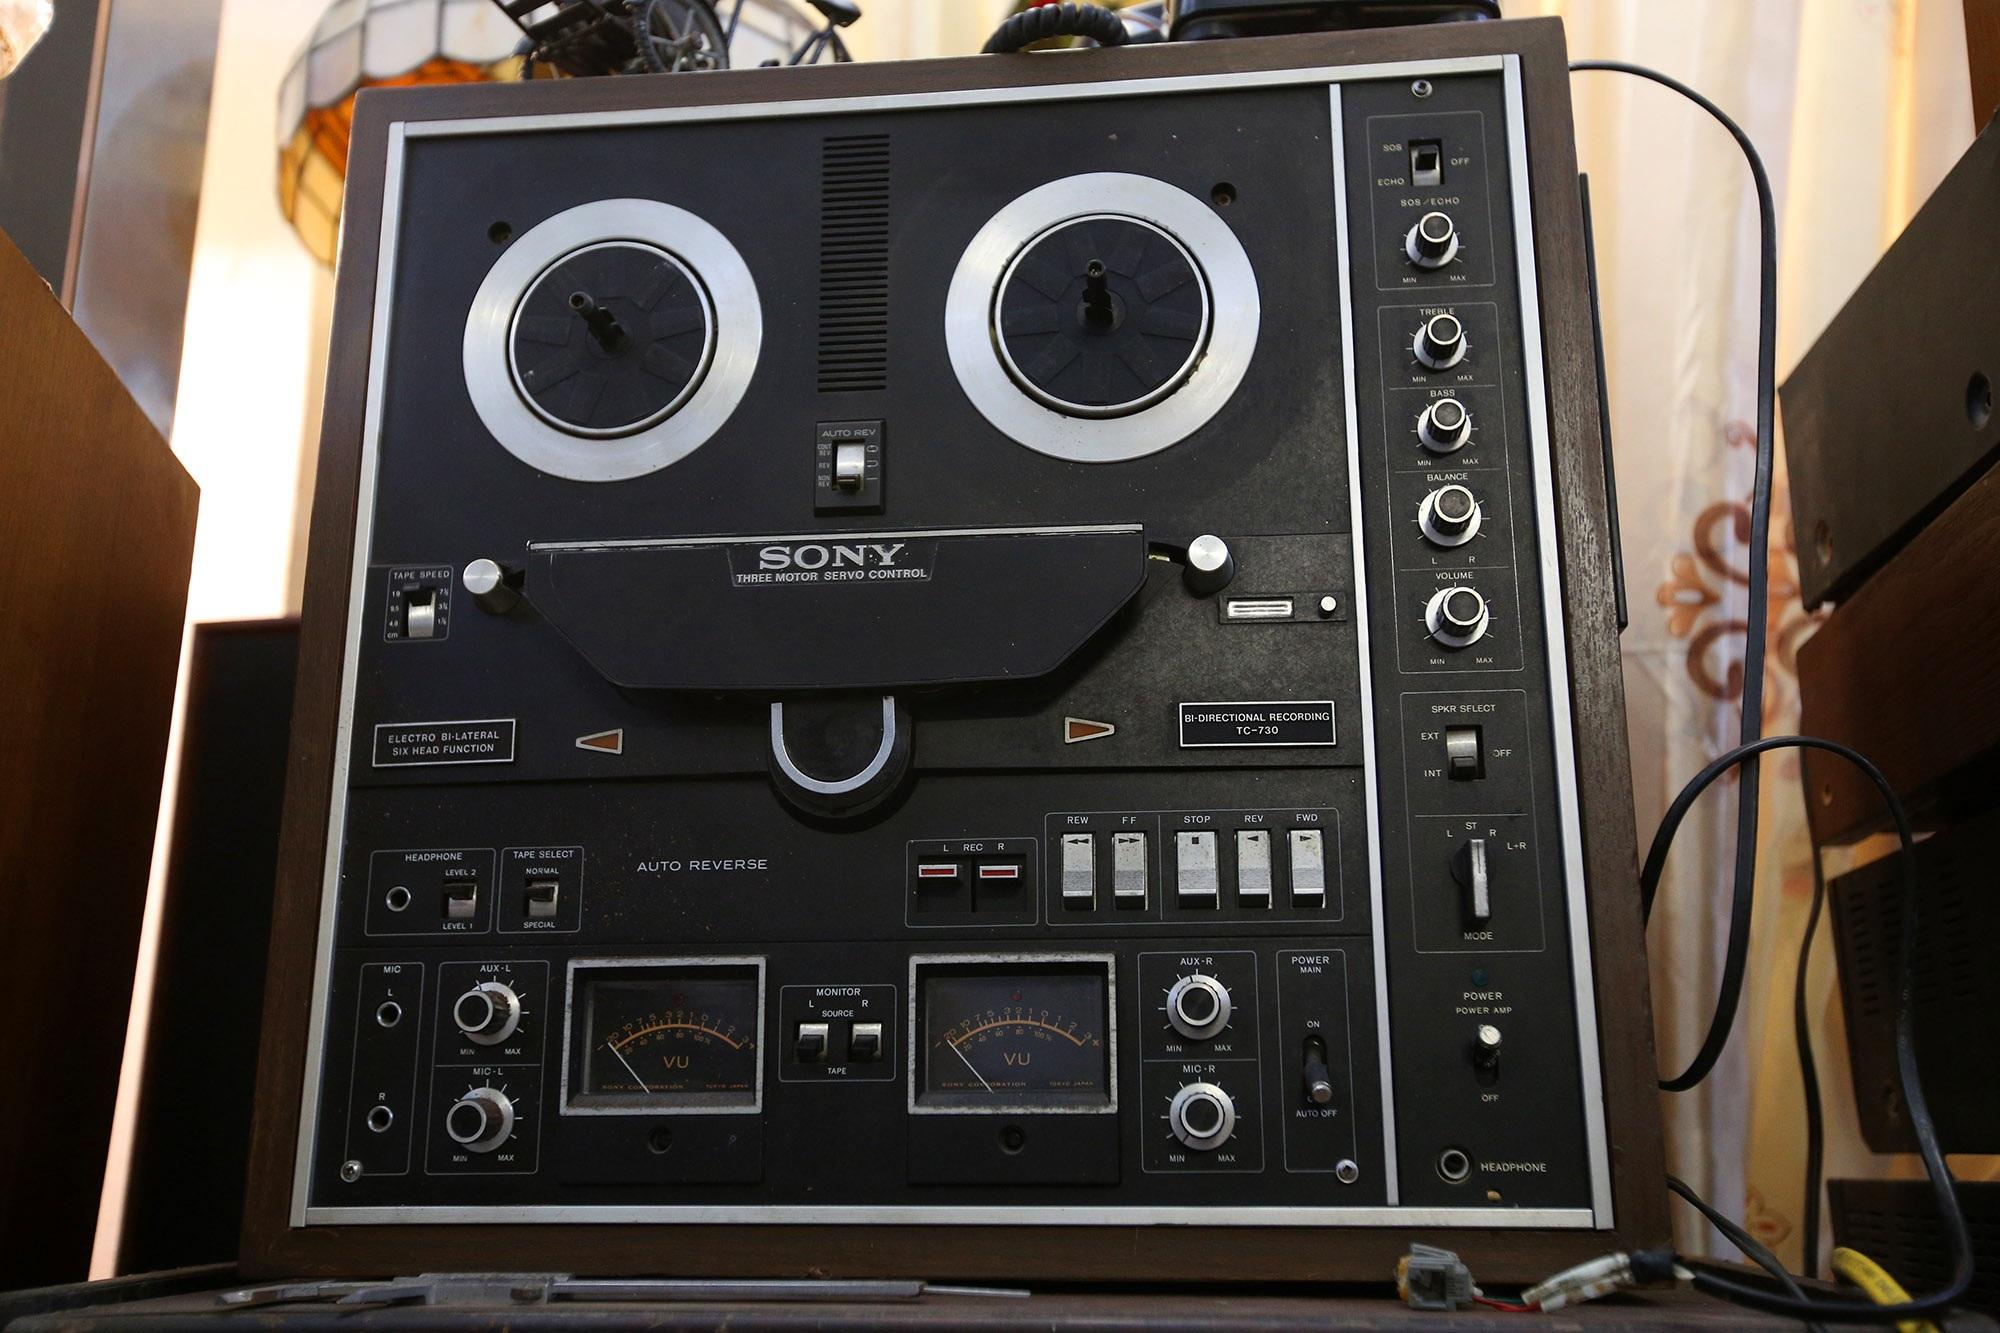 Yêu âm nhạc, sưu tầm thiết bị âm thanh cổ lấp đầy 3 tầng nhà  - 8